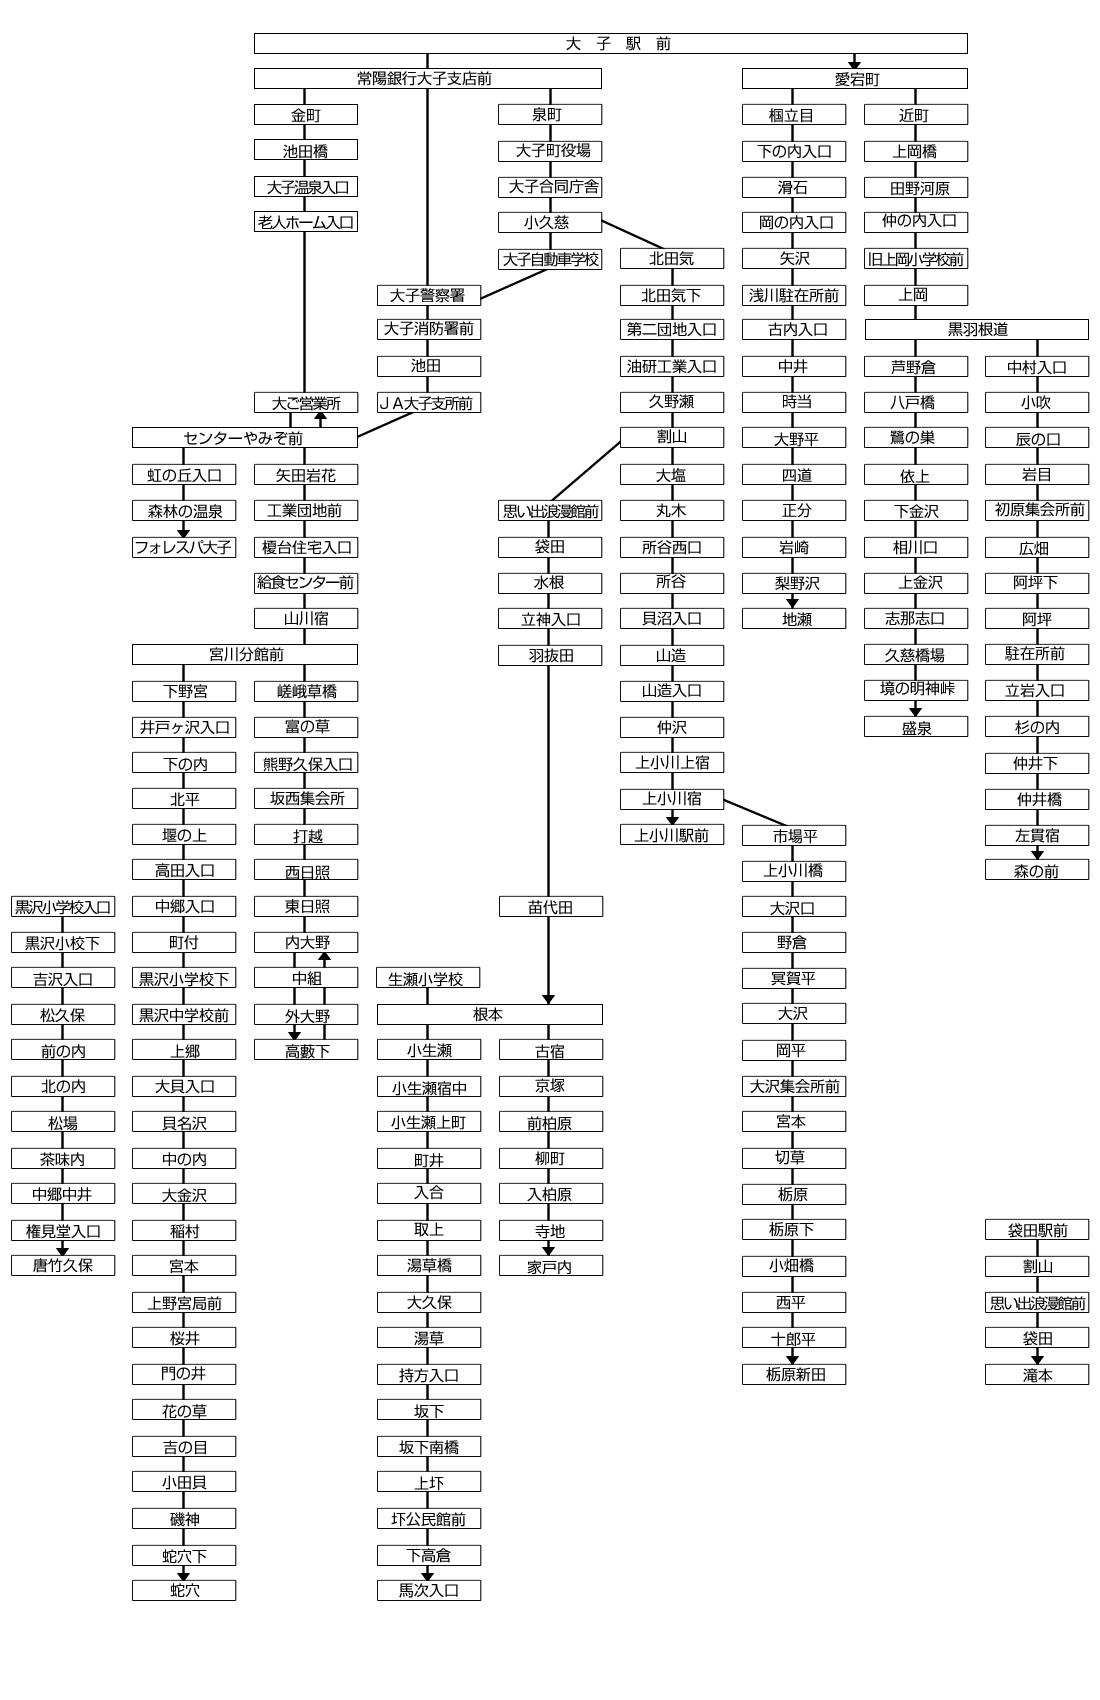 茨城交通路線バス系統略図